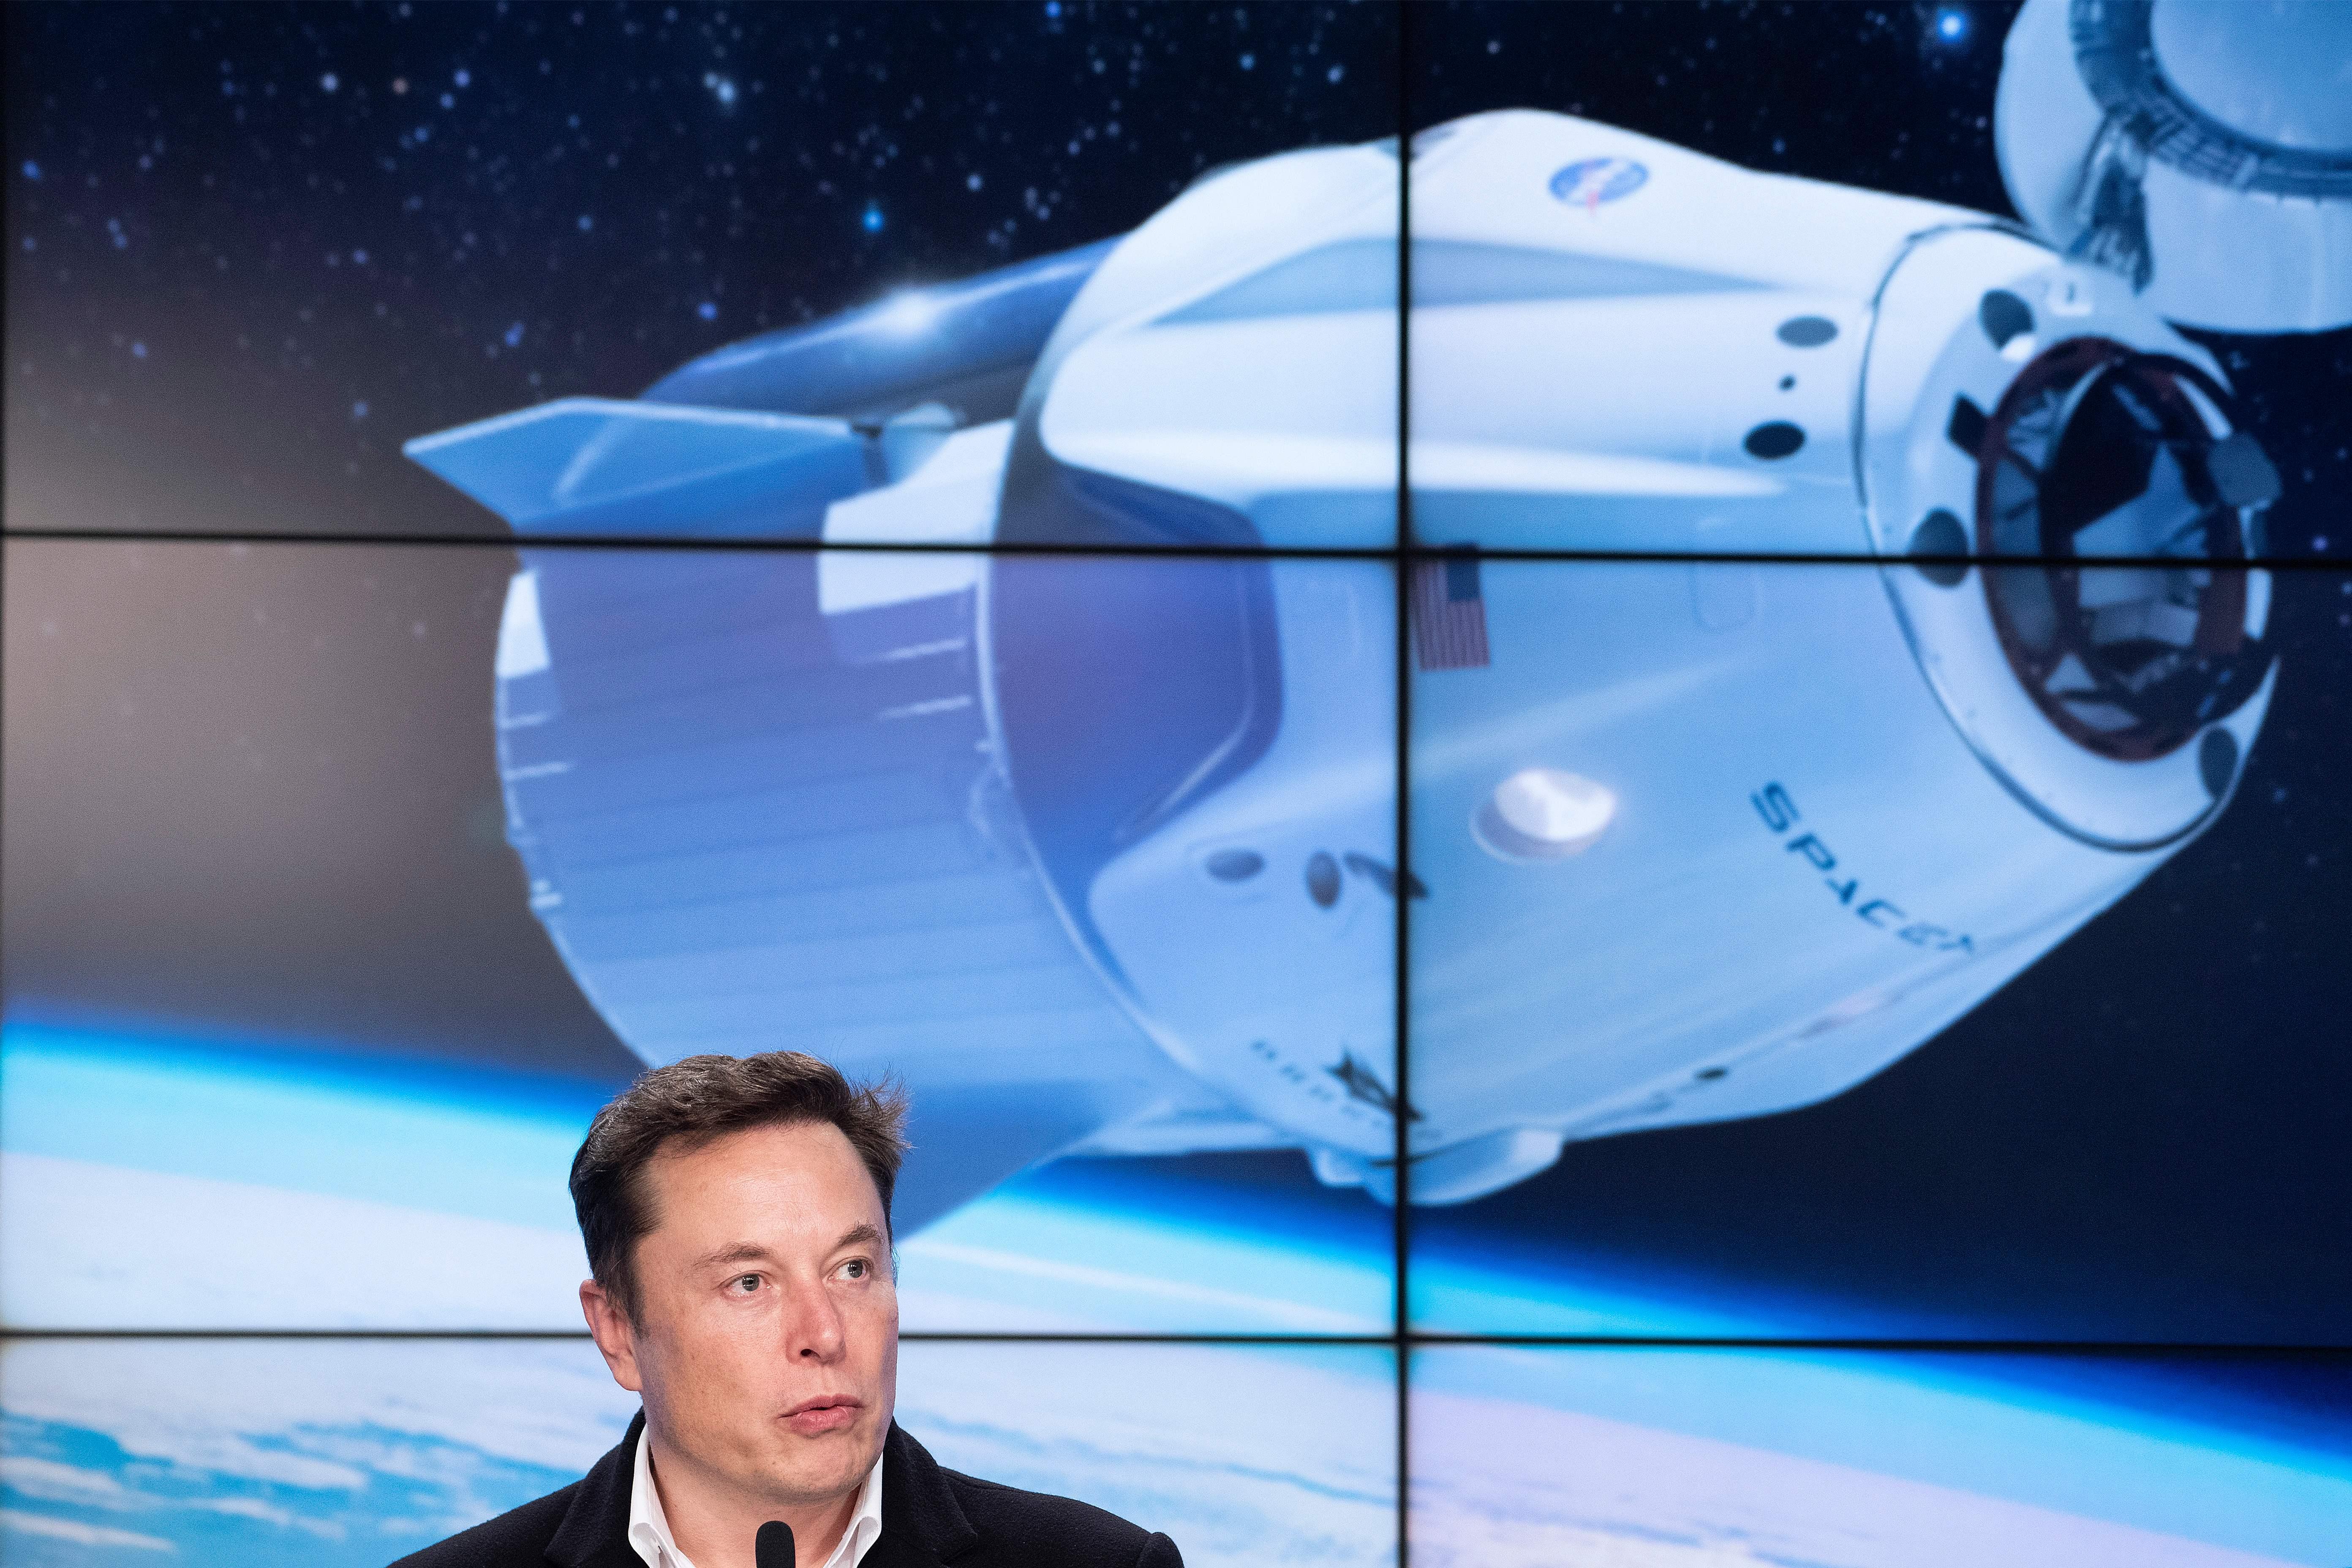 Elon musk wants teslas